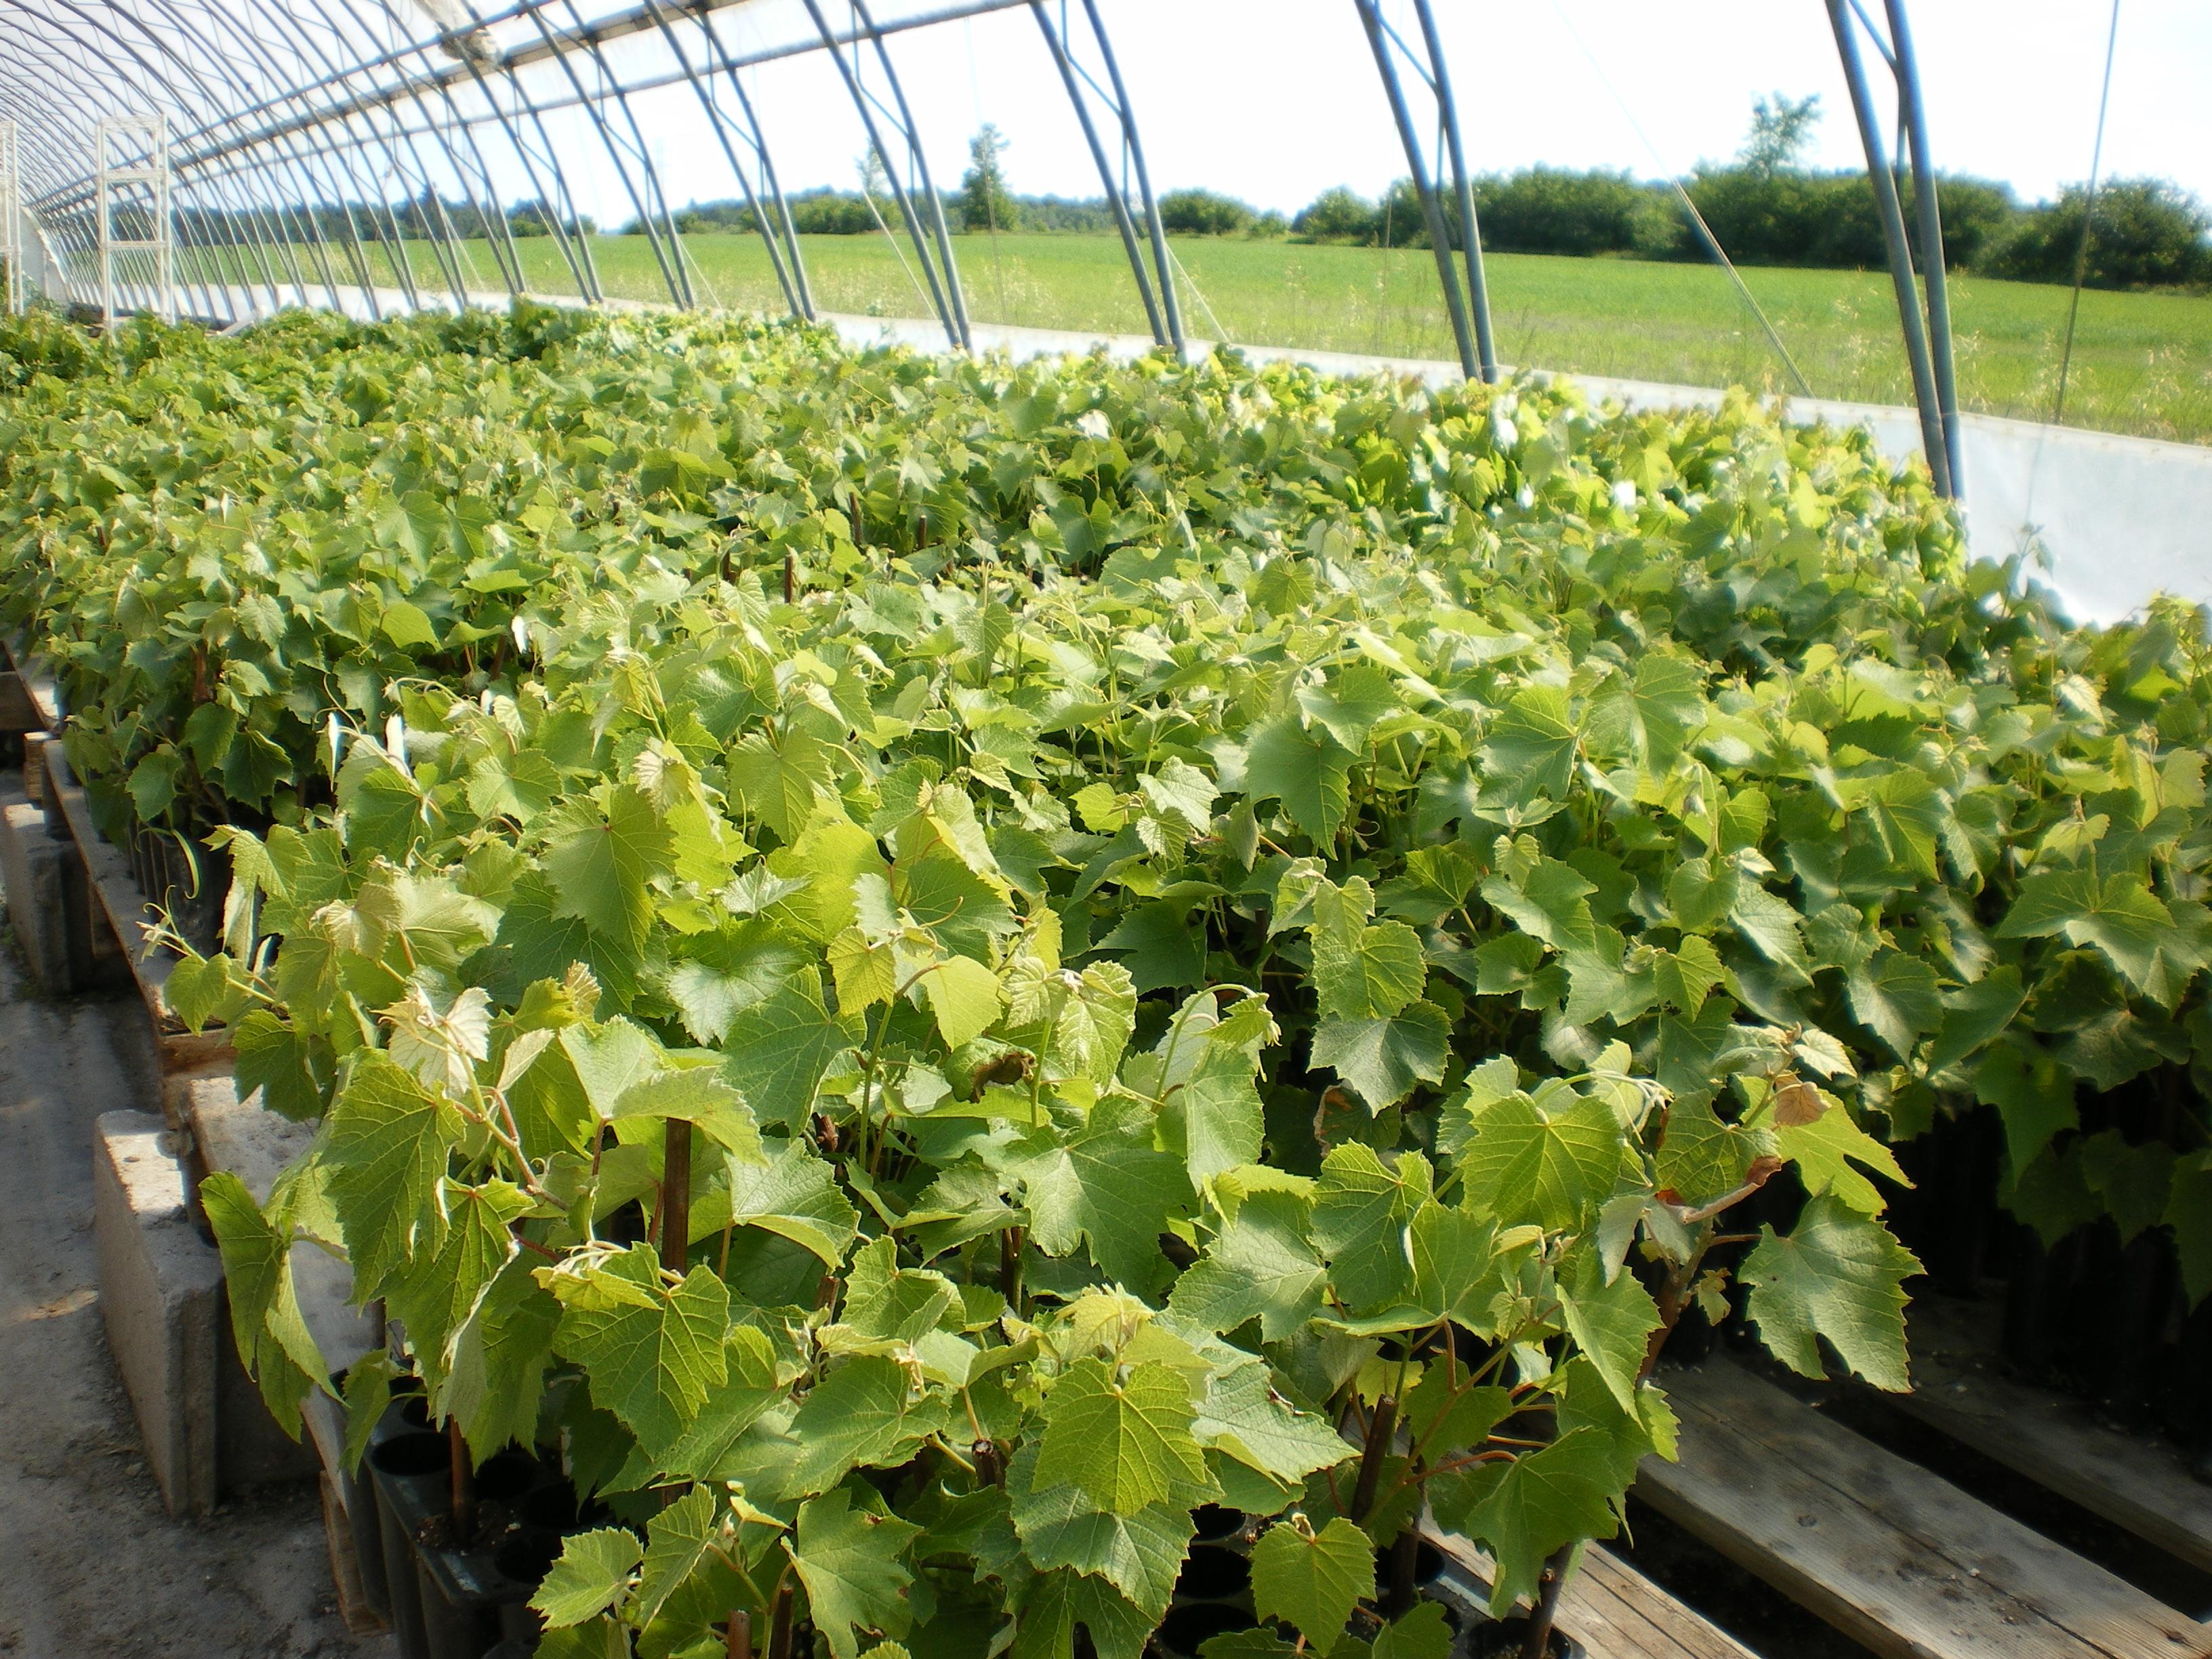 Boutures de vignes